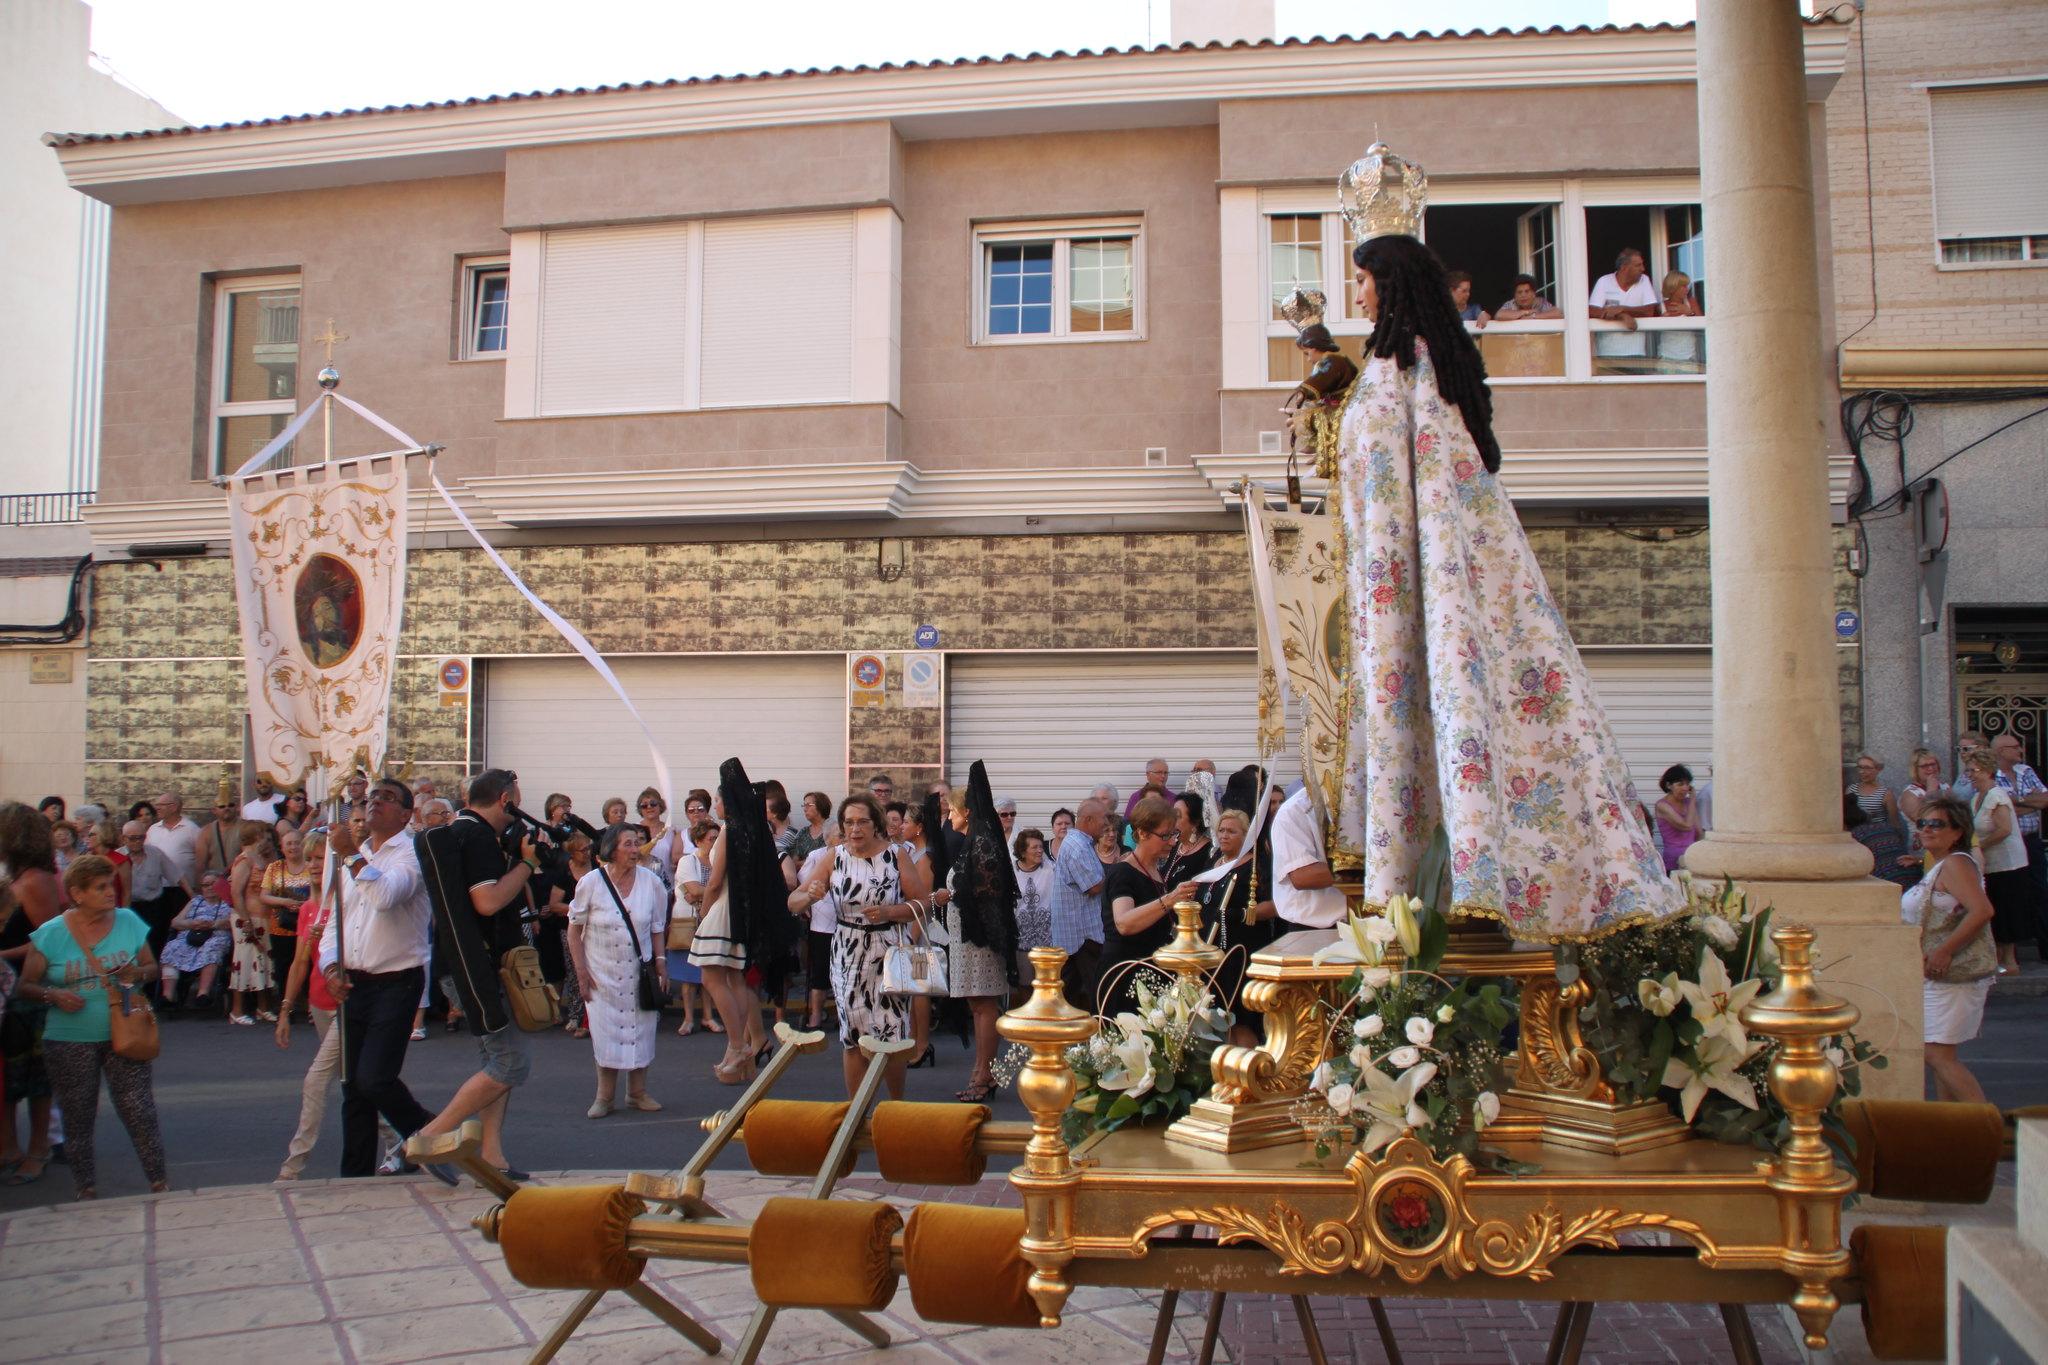 (2015-07-12) - Virgen del Carmen, parroquia La Santa Cruz - Javier Romero Ripoll (45)